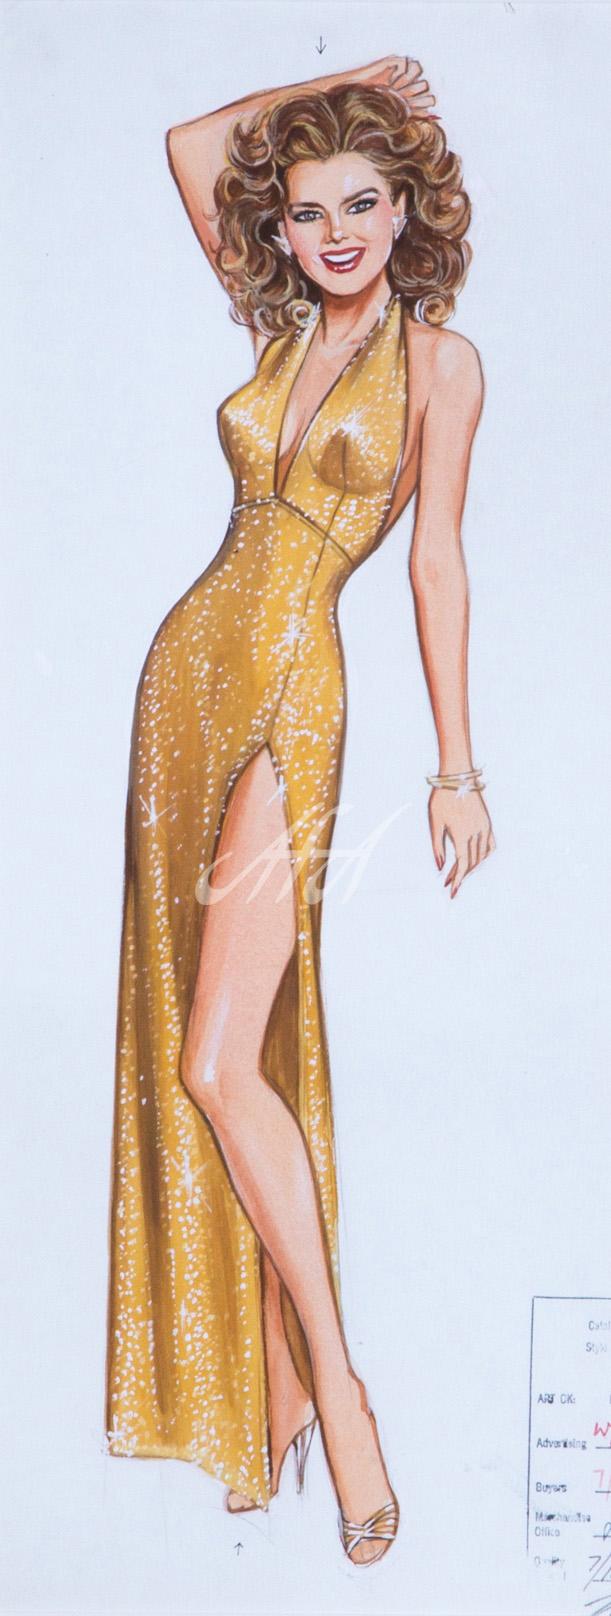 HCFM_Mellinger_ce4834_golddress_framed LoRes watermark.jpg